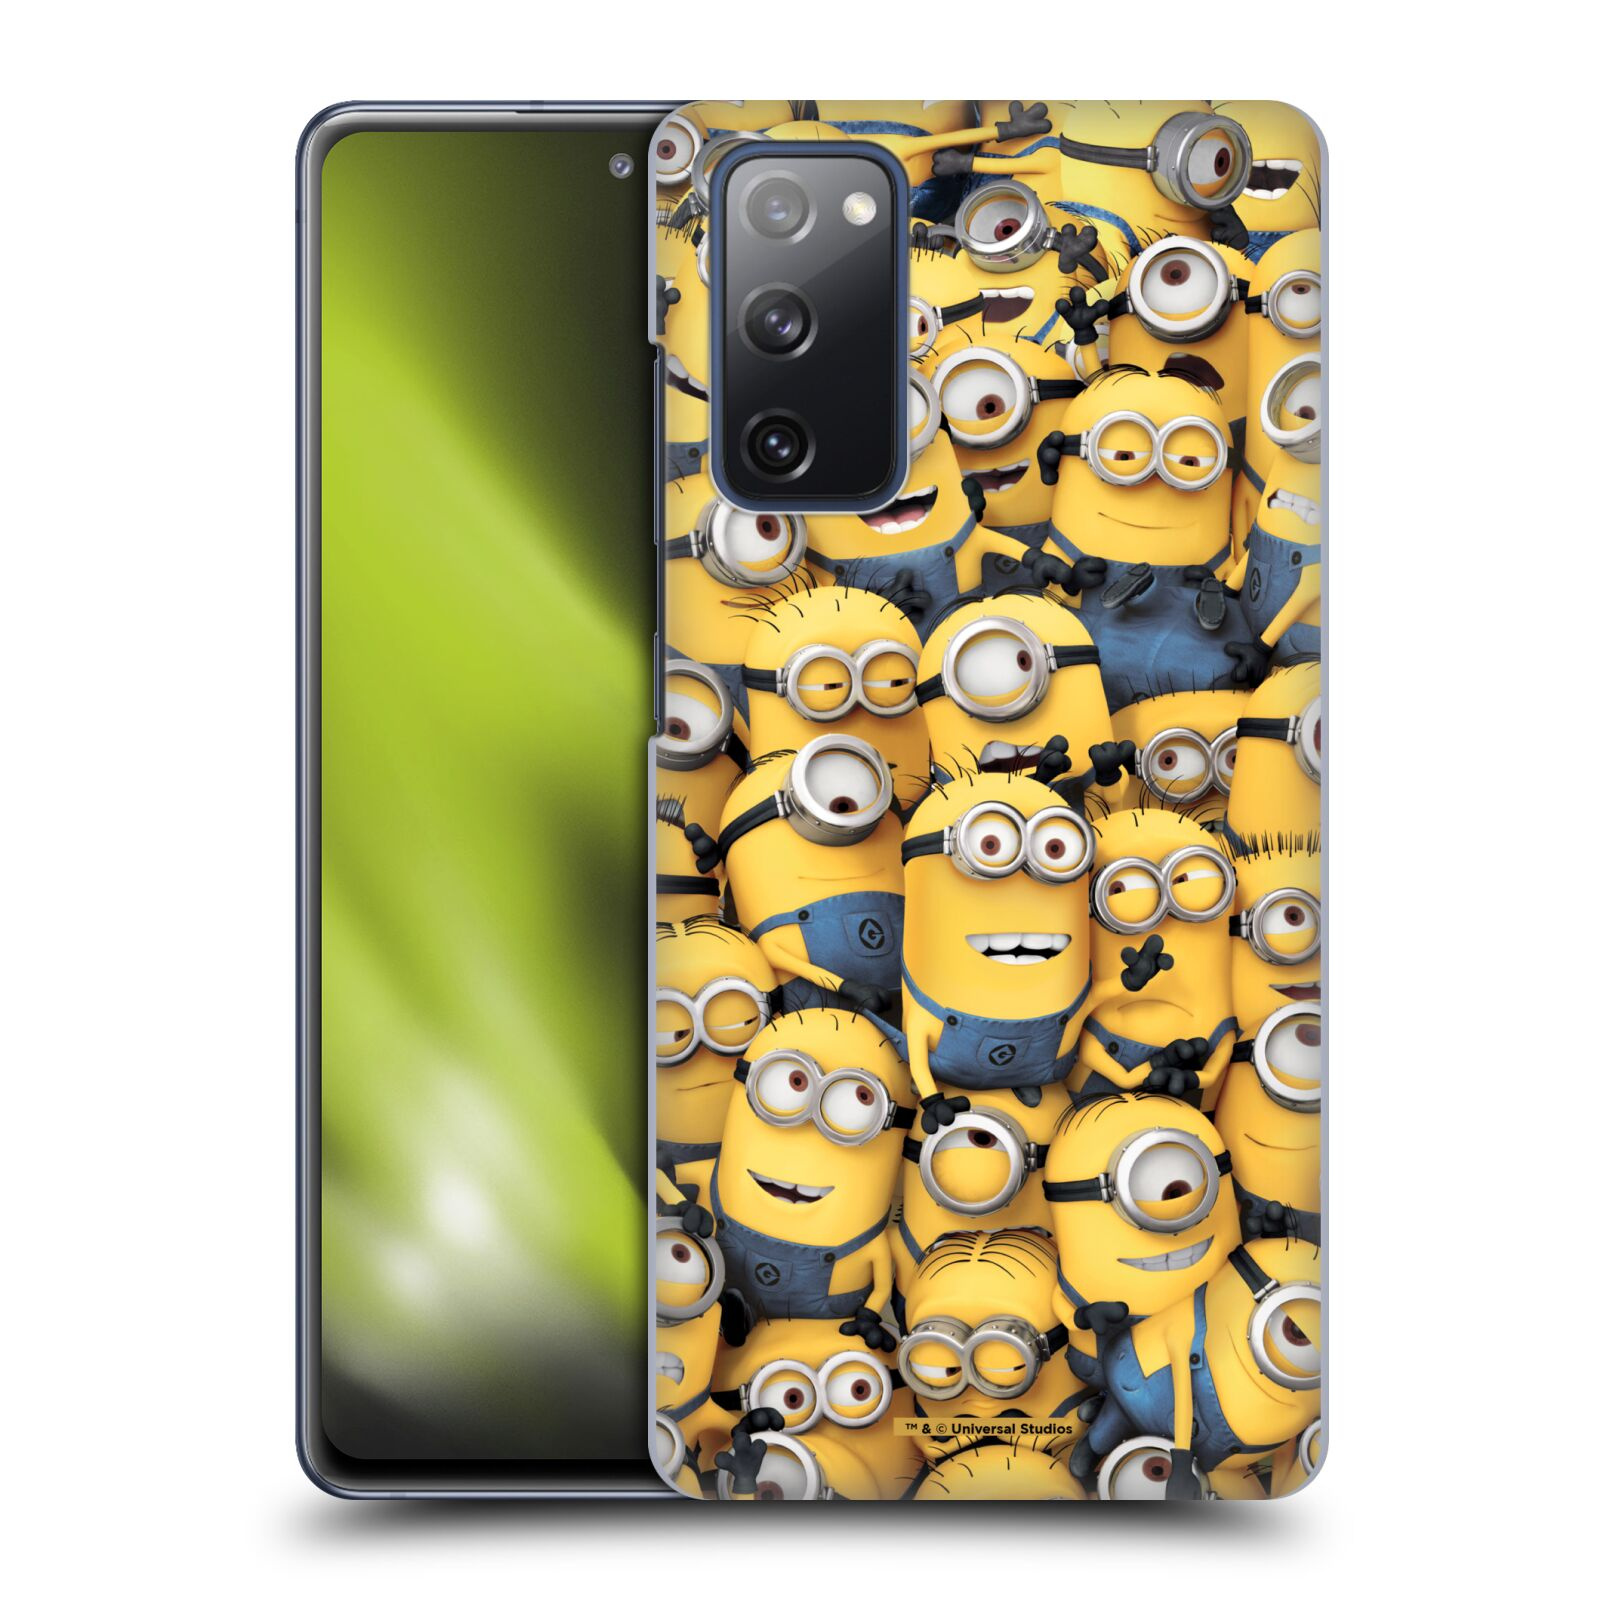 Plastové pouzdro na mobil Samsung Galaxy S20 FE - Head Case - Mimoni všude z filmu Já, padouch - Despicable Me